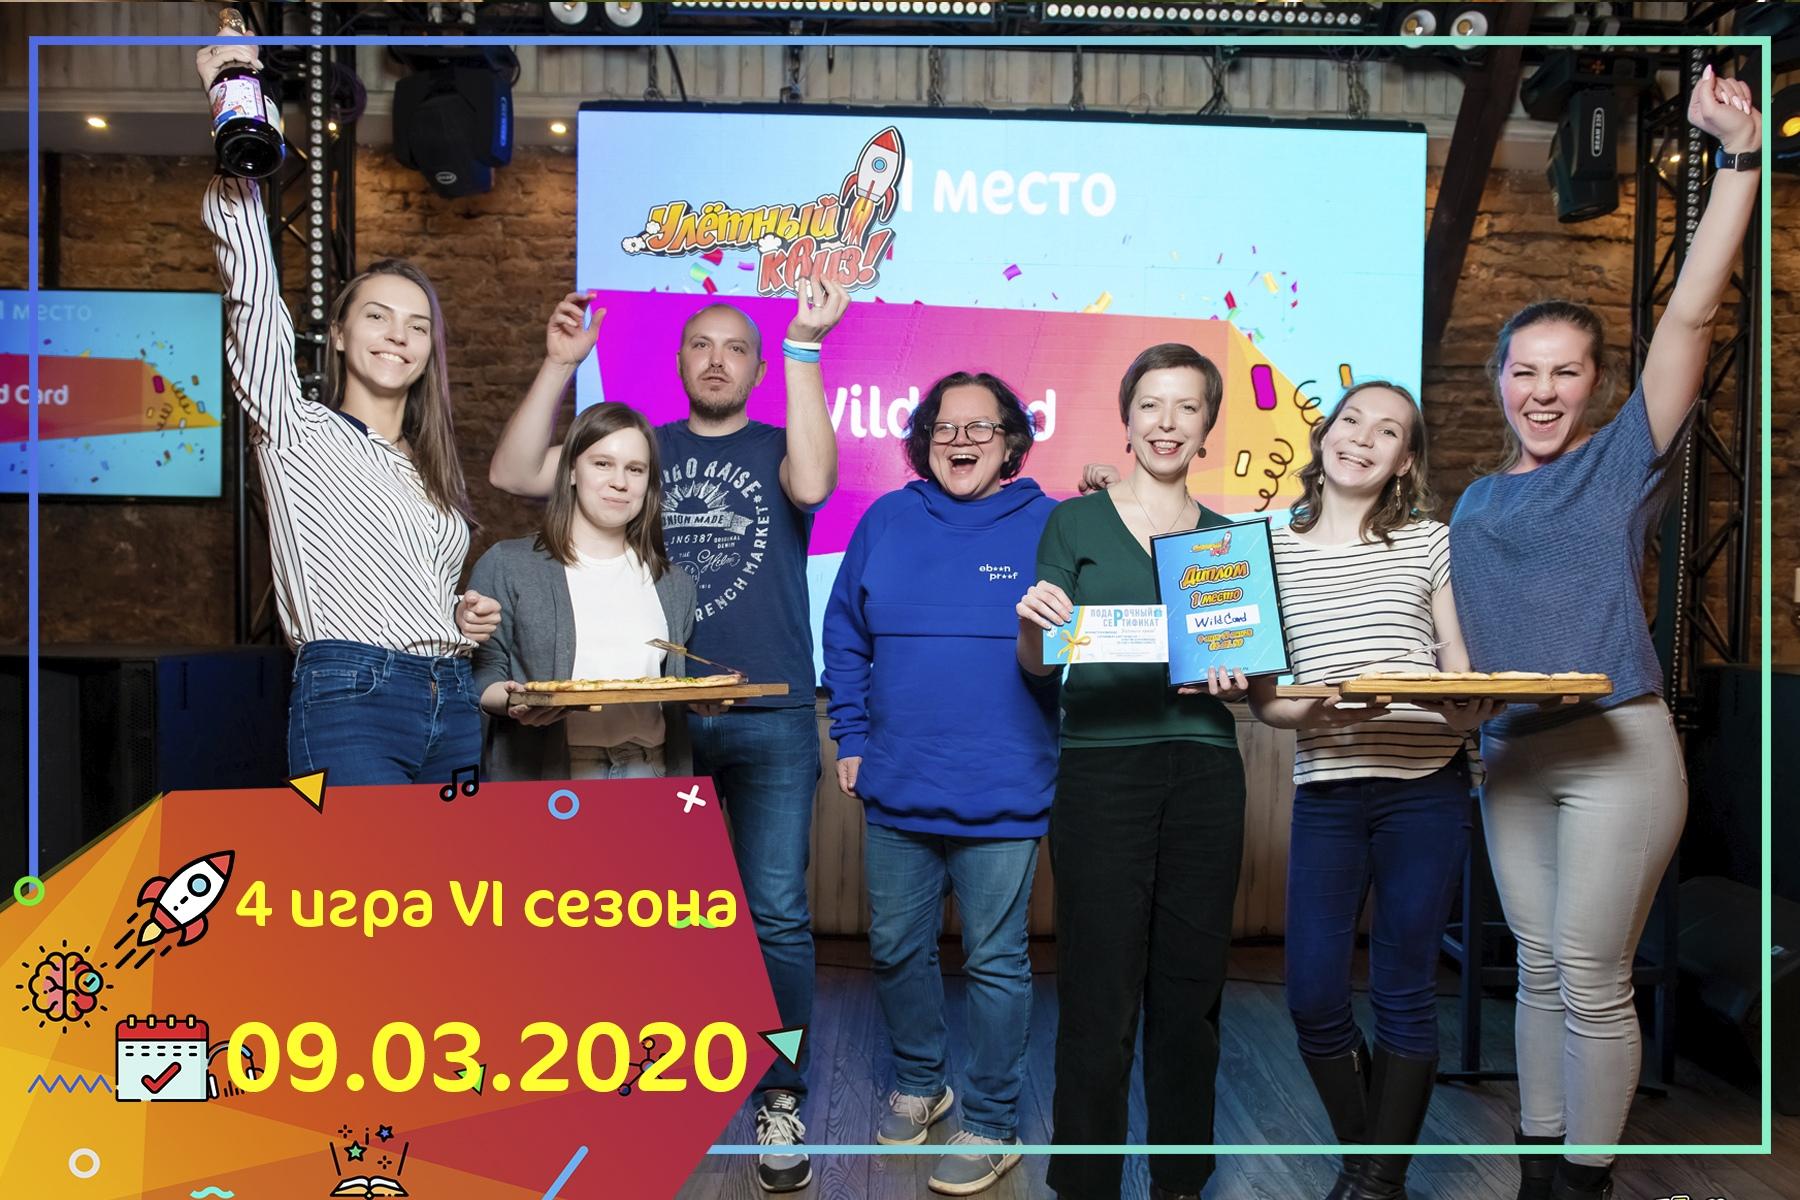 Игра №4 VI сезона Улётный квиз 09.03.2020